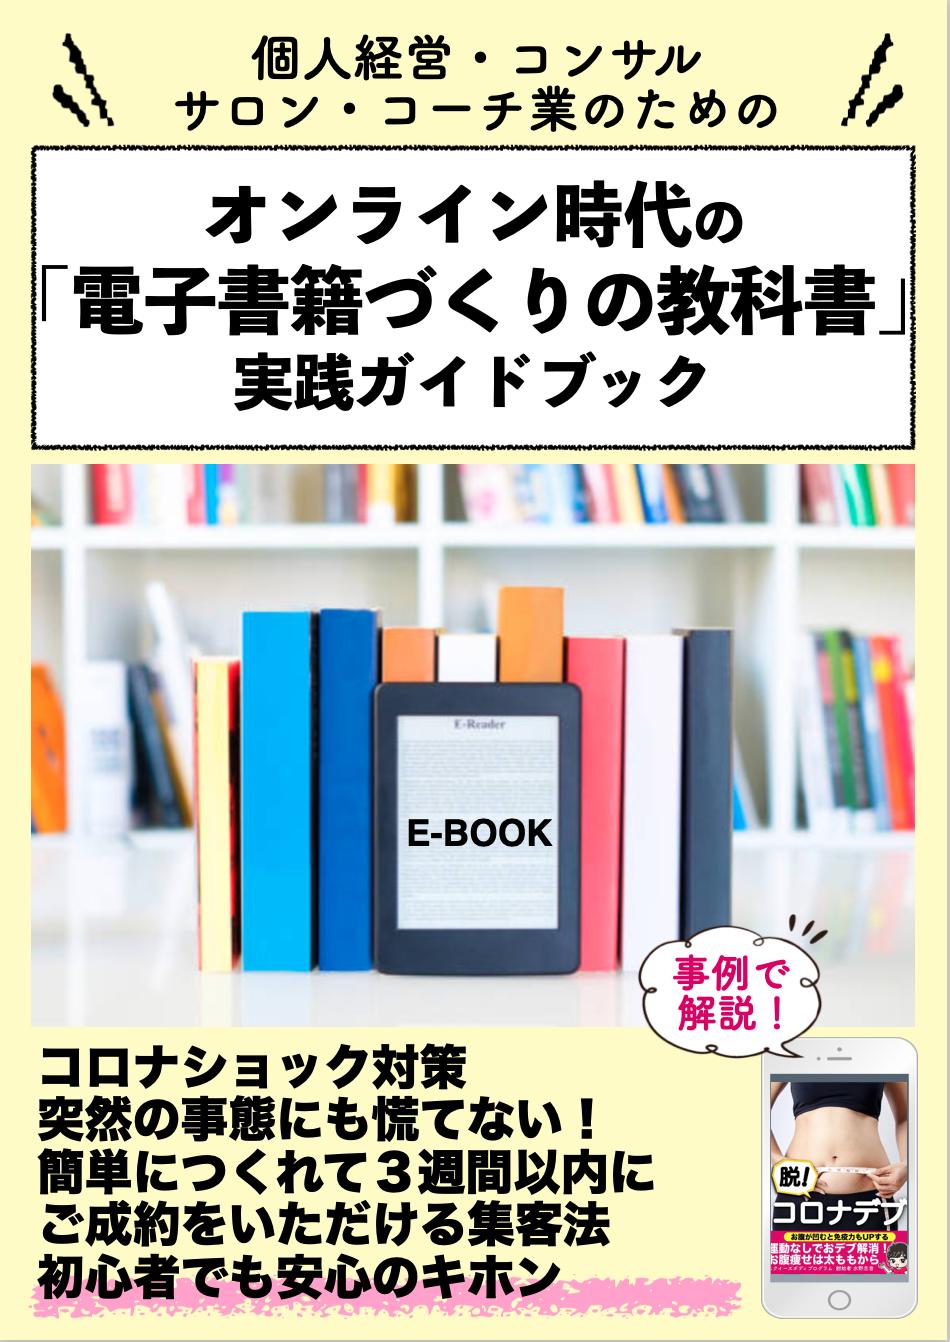 アイディアの探し方 アイディア 集客 起業家 お悩み 問題解決 マーケティング 電子書籍 eBOOK コミュニケーションアイディア ラテラルシンキング